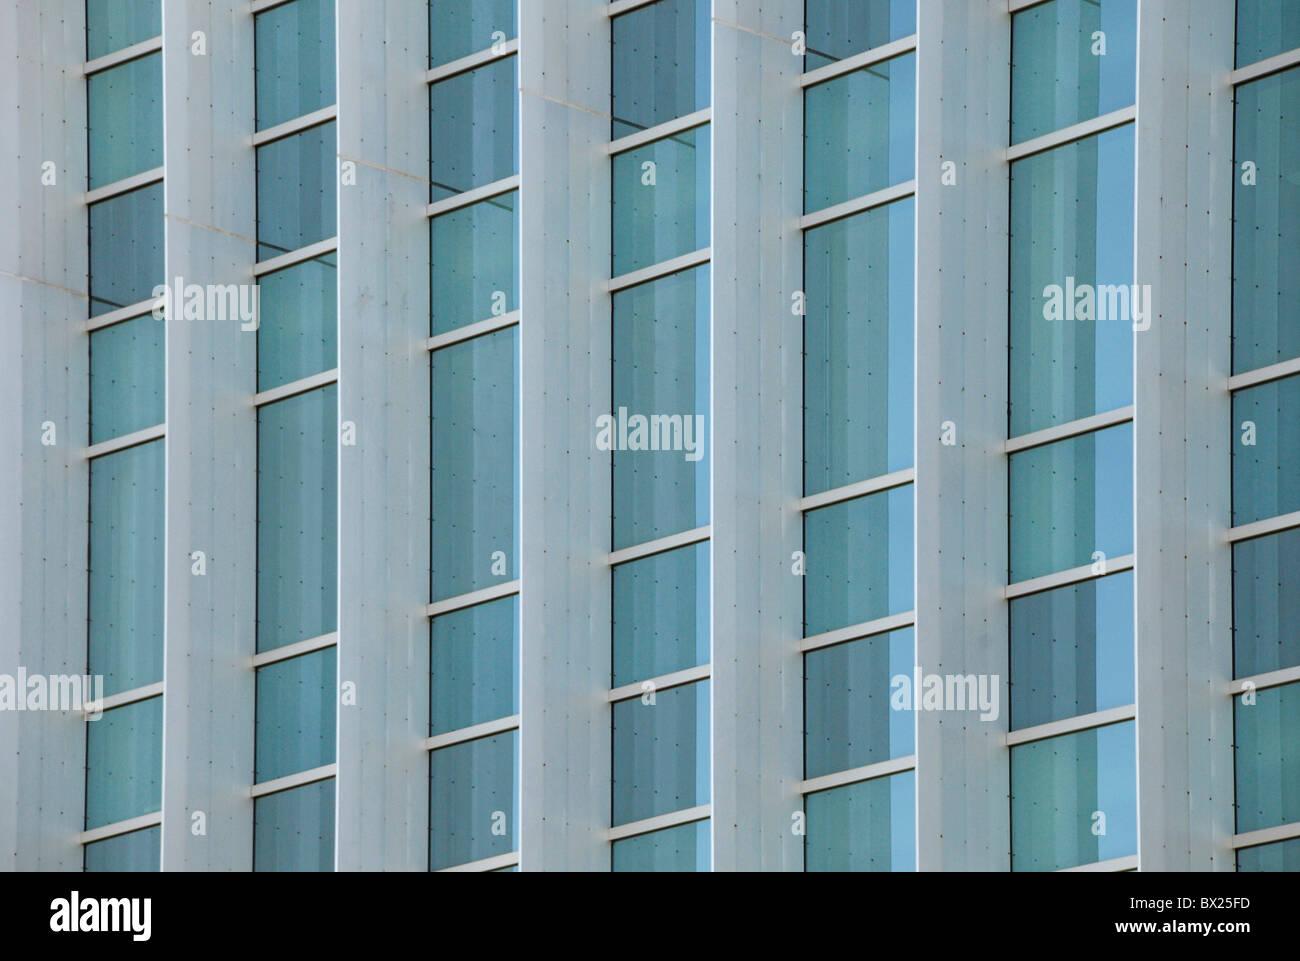 Ventanas exteriores de una moderna oficina comercial de acero y vidrio edificio que refleja el cielo azul Imagen De Stock